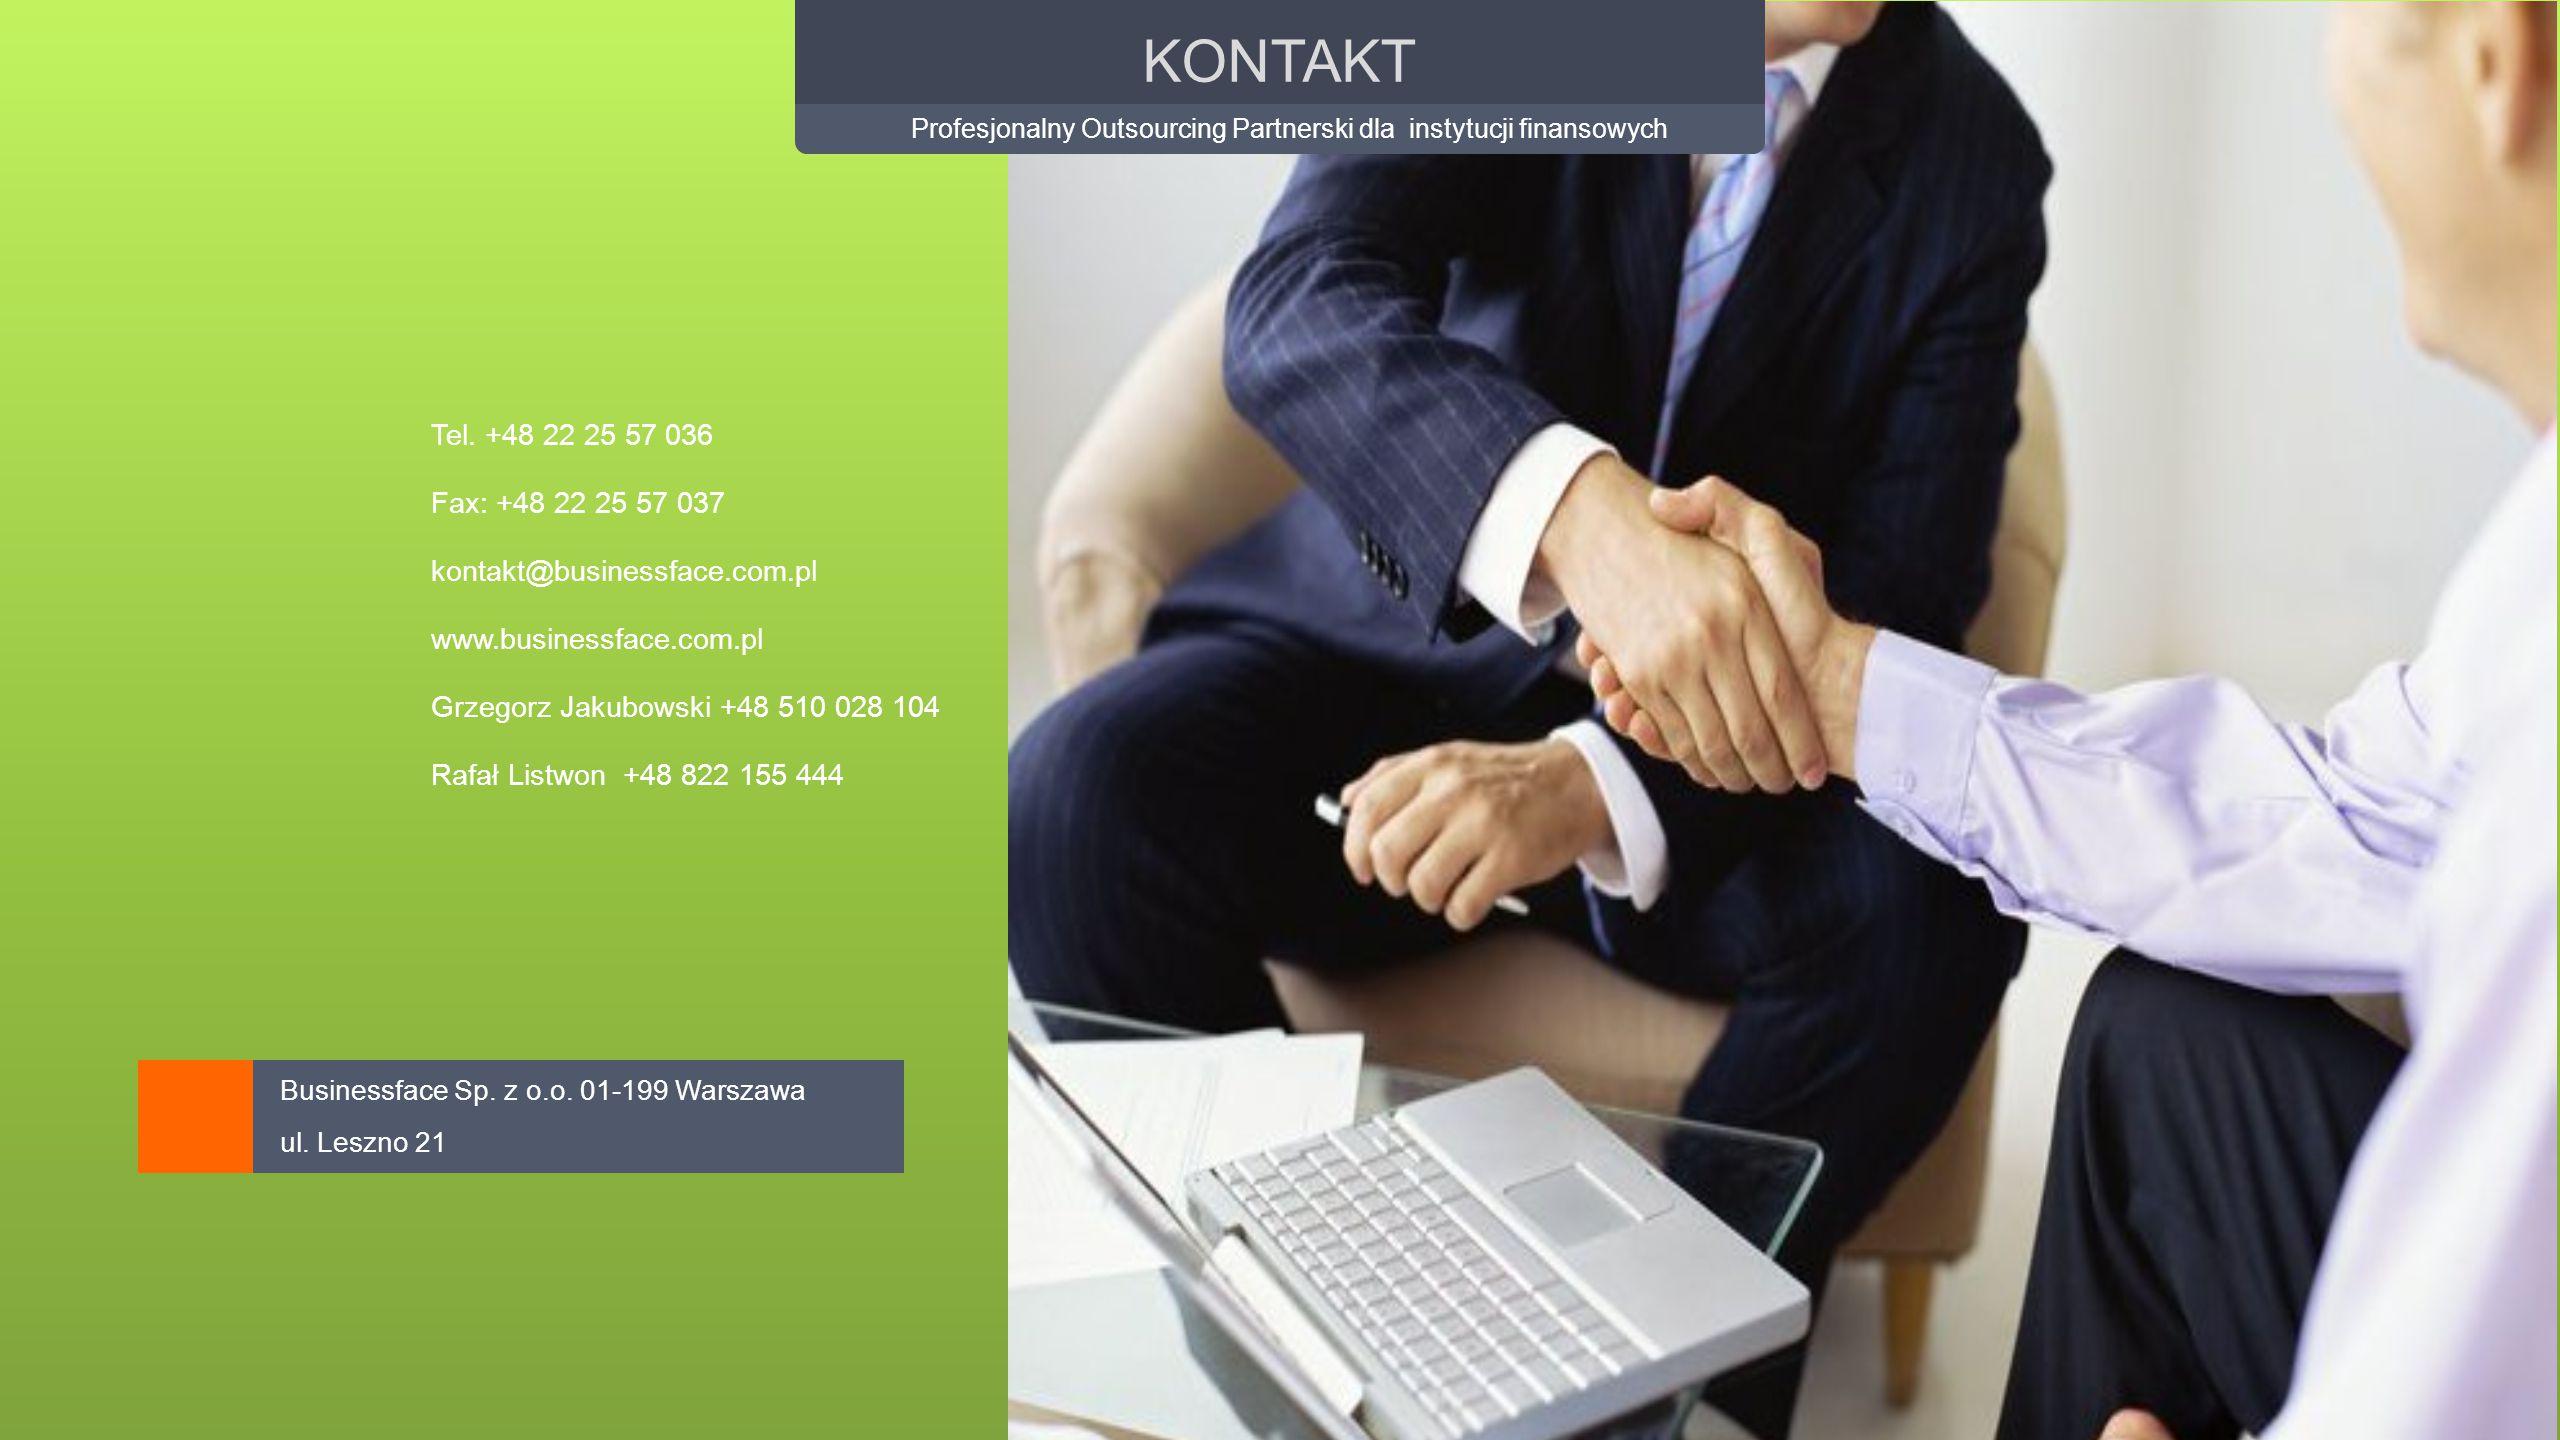 Profesjonalny Outsourcing Partnerski dla instytucji finansowych